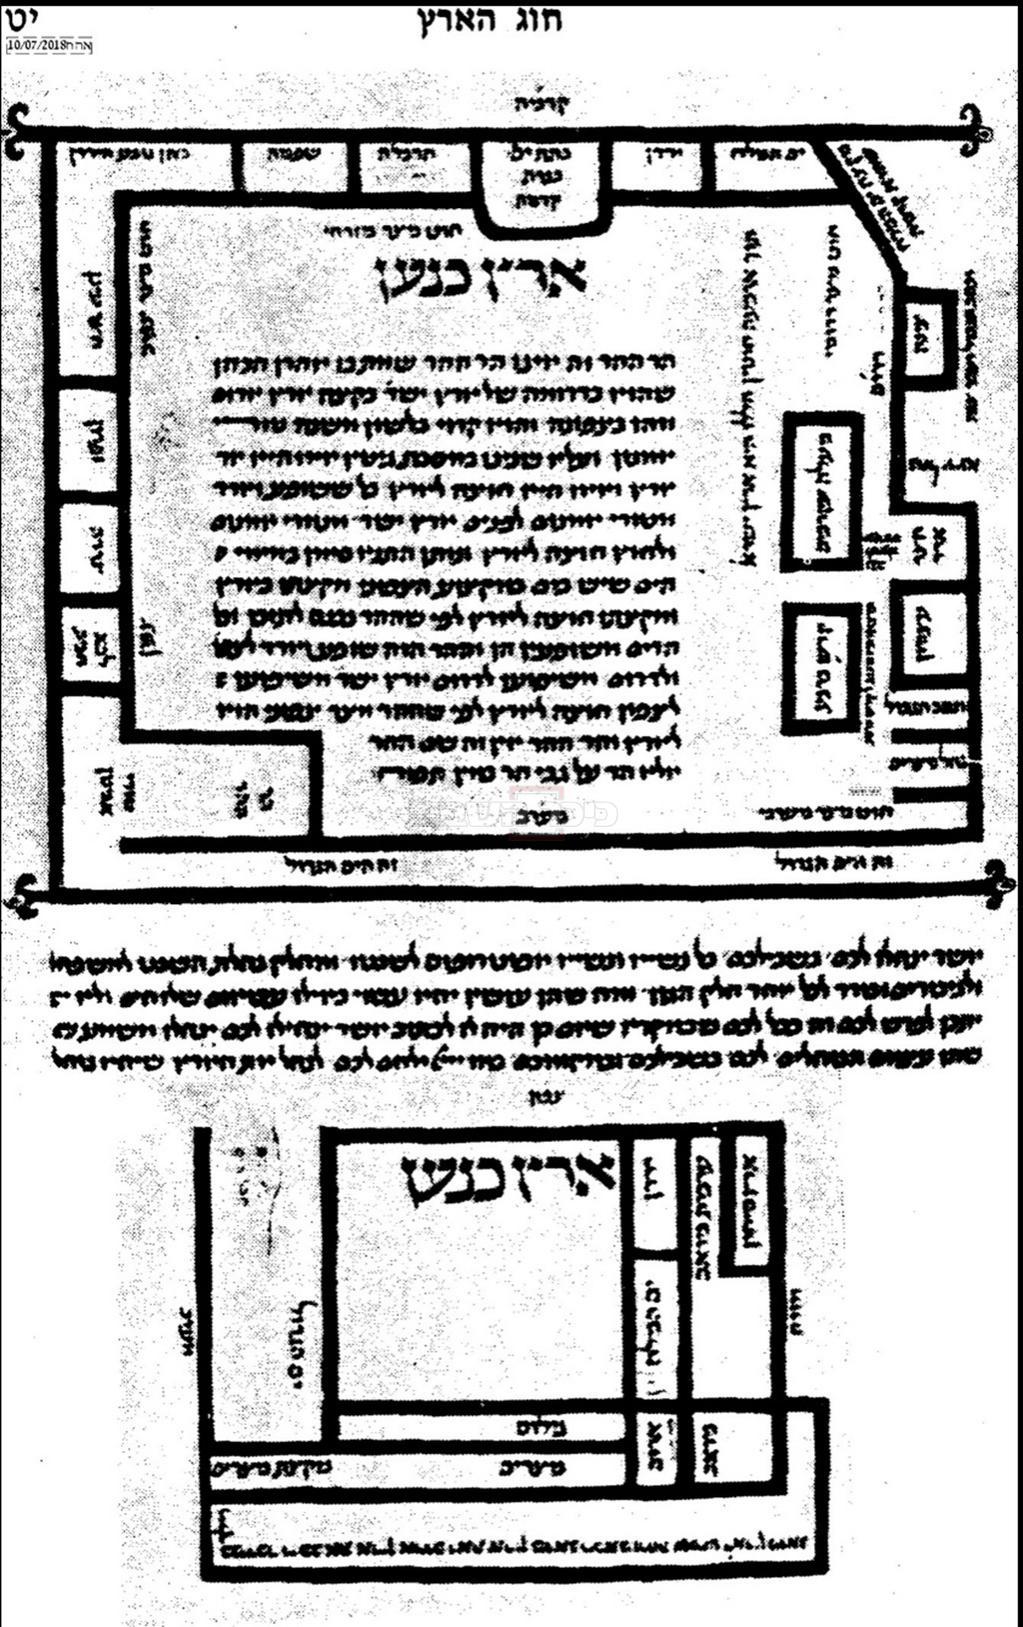 מפת ארץ ישראל המיוחסת לרש''י הקדוש, הובא בספר 'חוג הארץ'  (באדיבות אוצר החכמה)